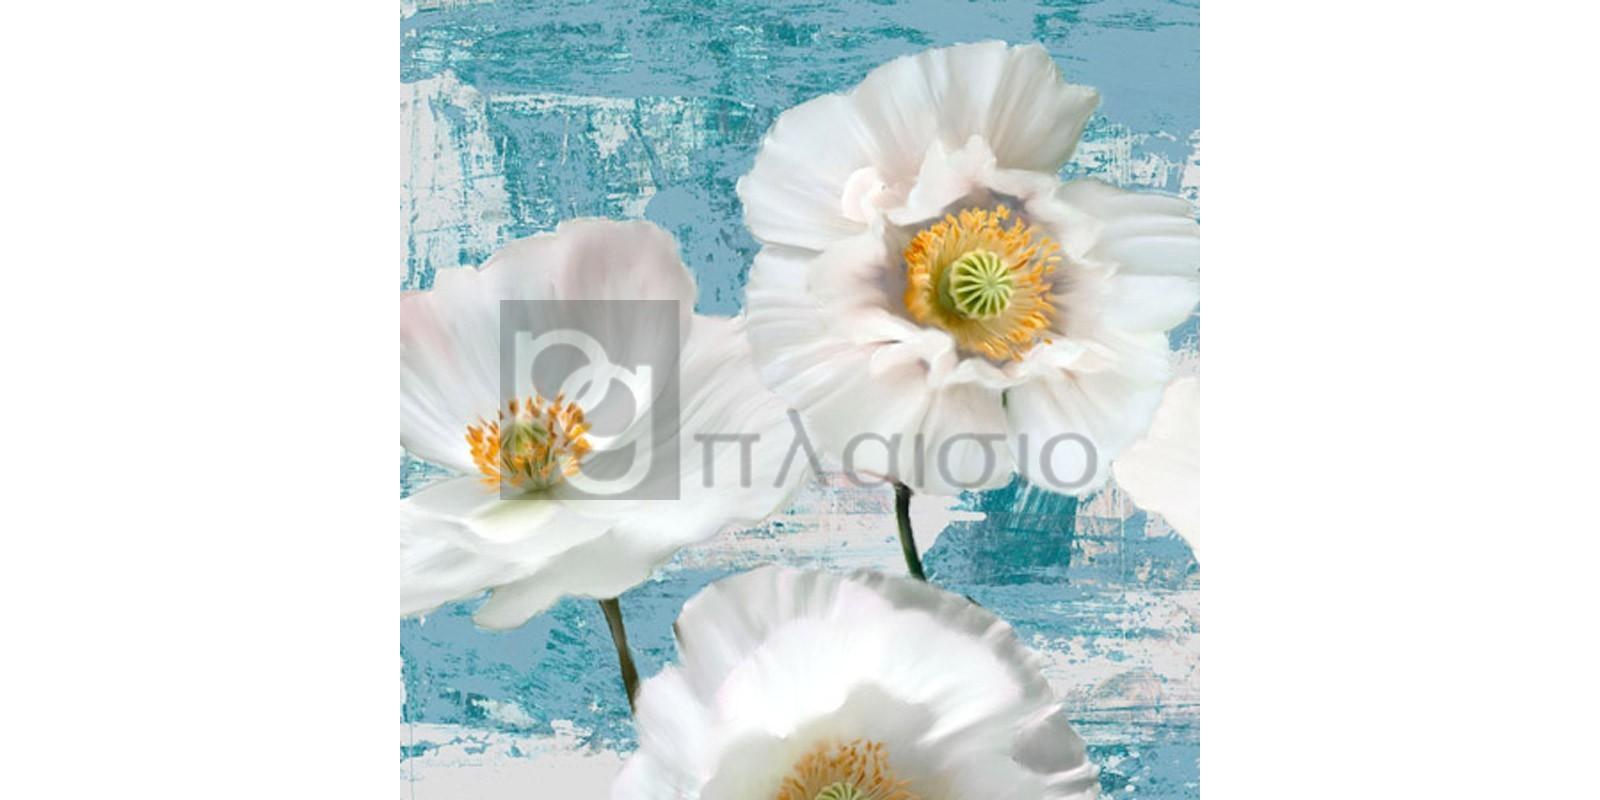 Leonardo Sanna - Washed Poppies (Aqua) I